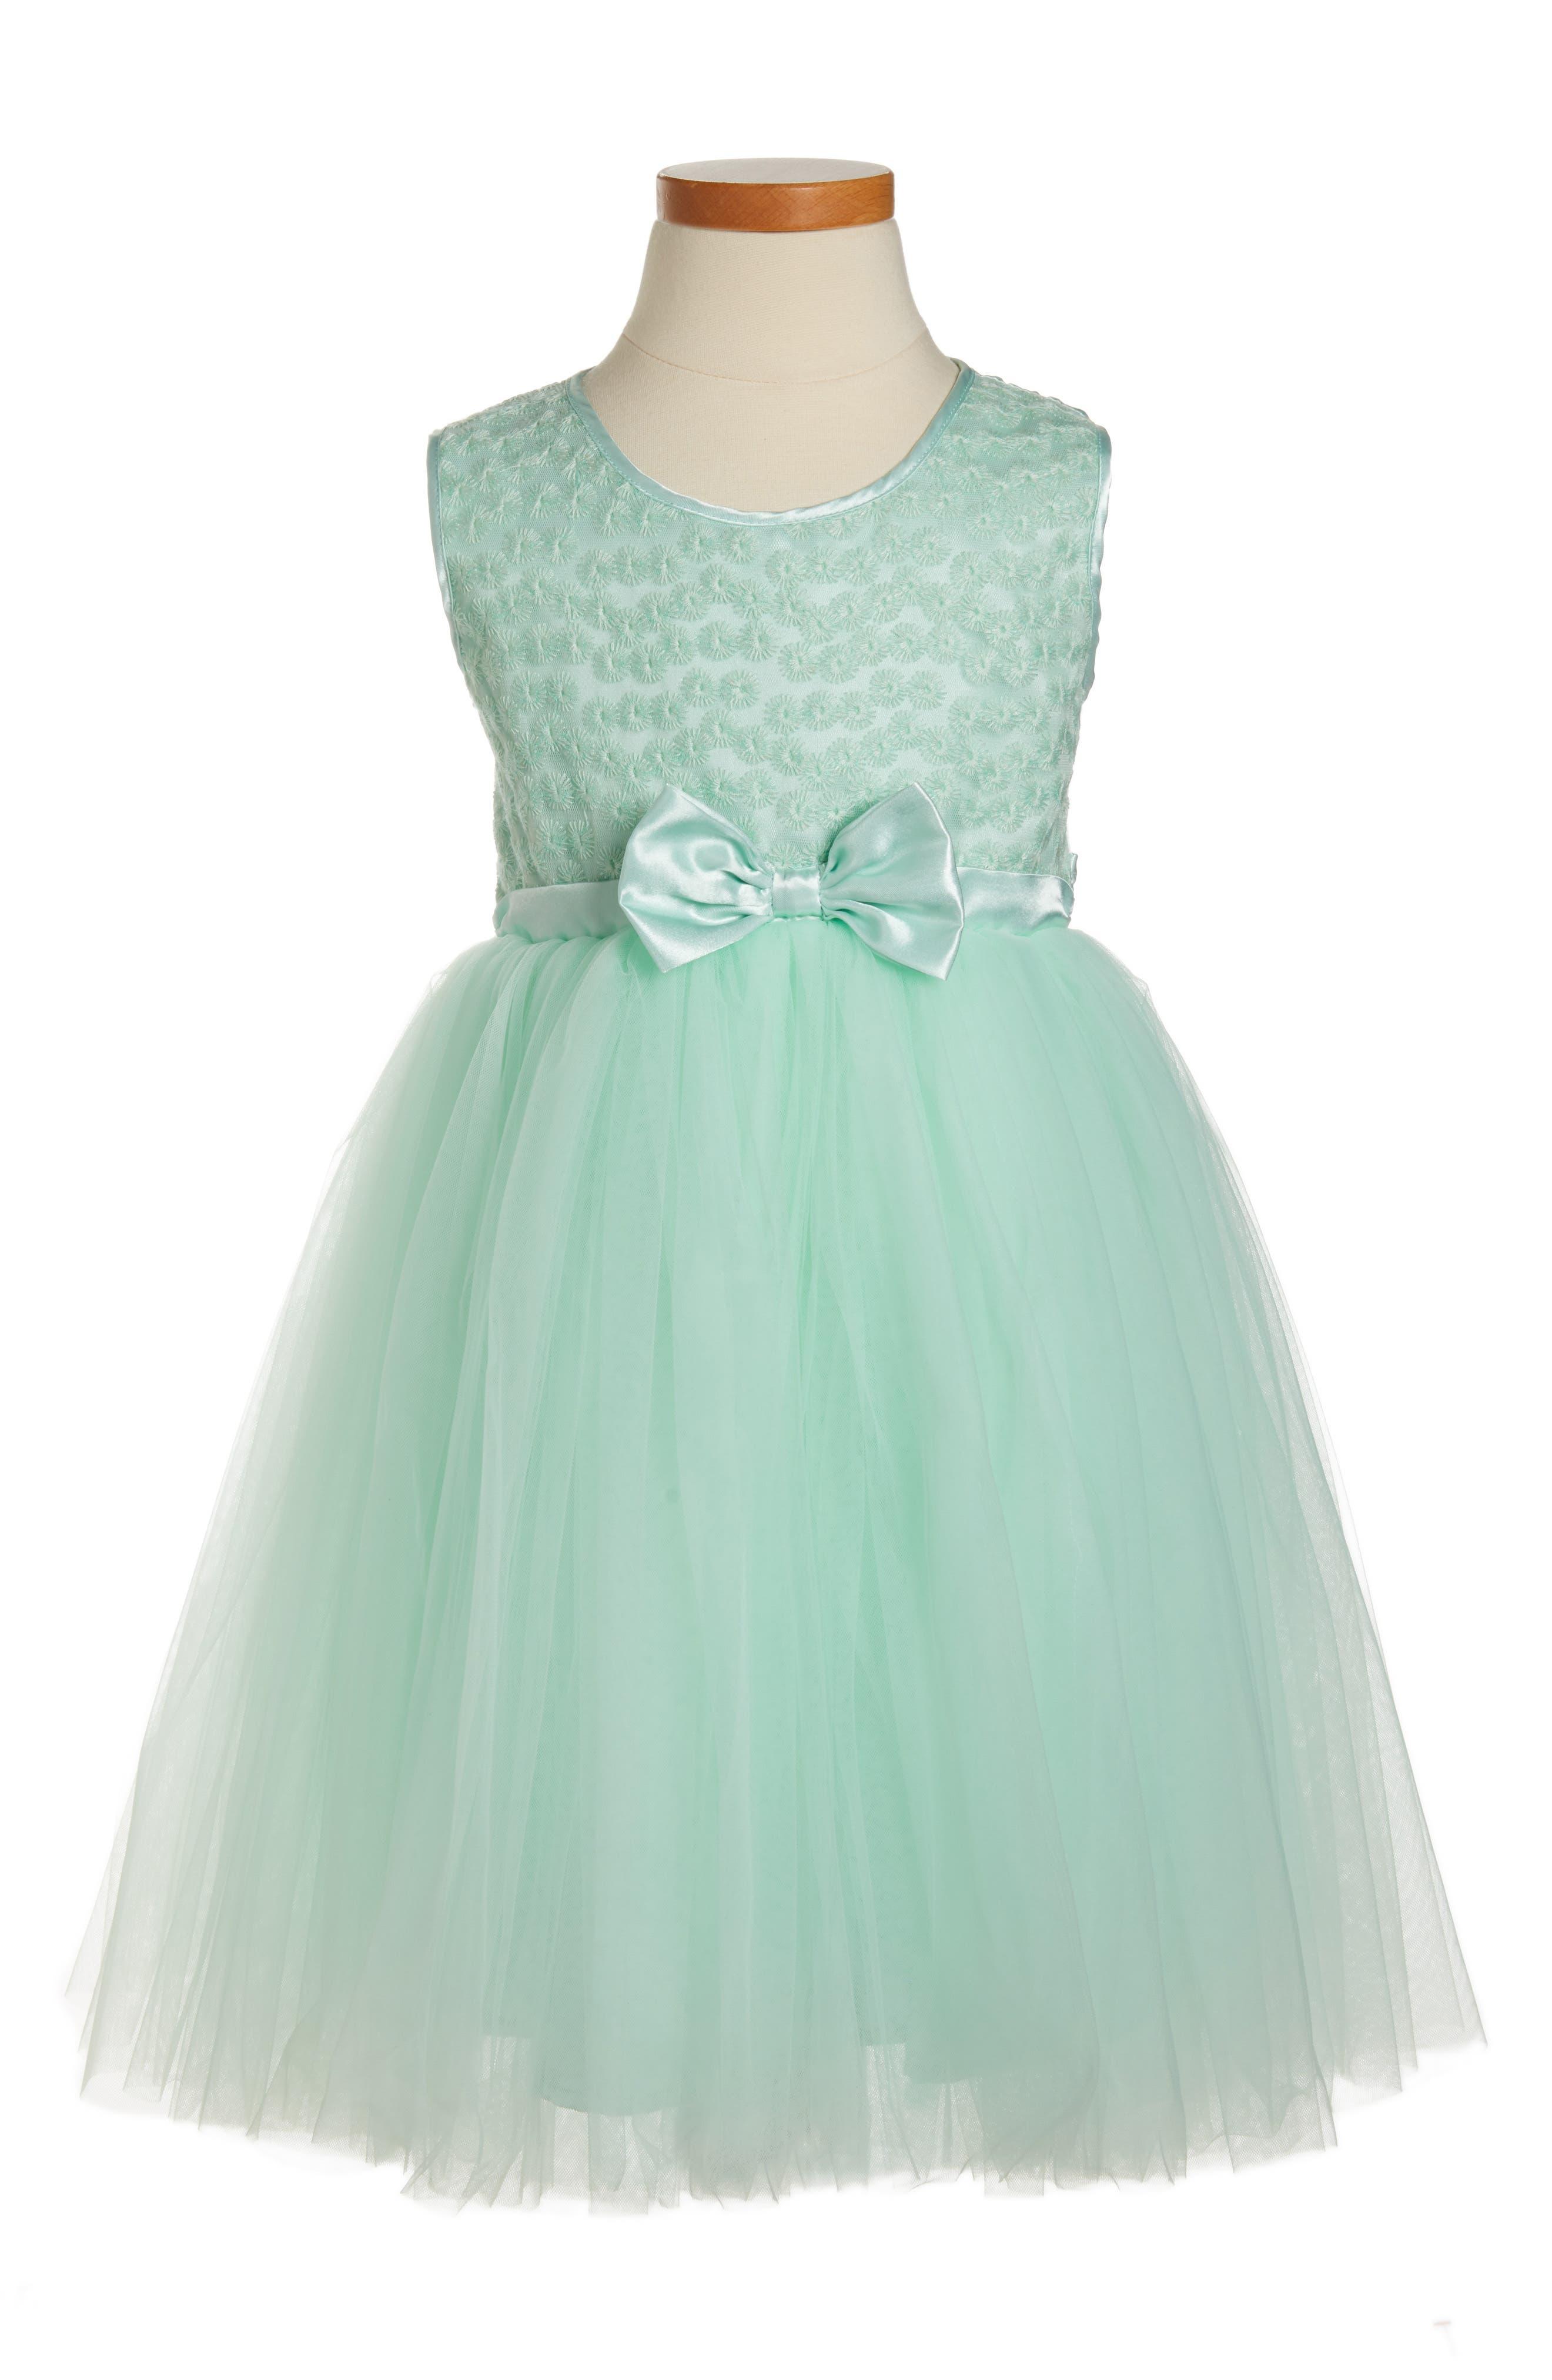 Popatu Princess Sleeveless Dress (Toddler Girls, Little Girls & Big Girls)